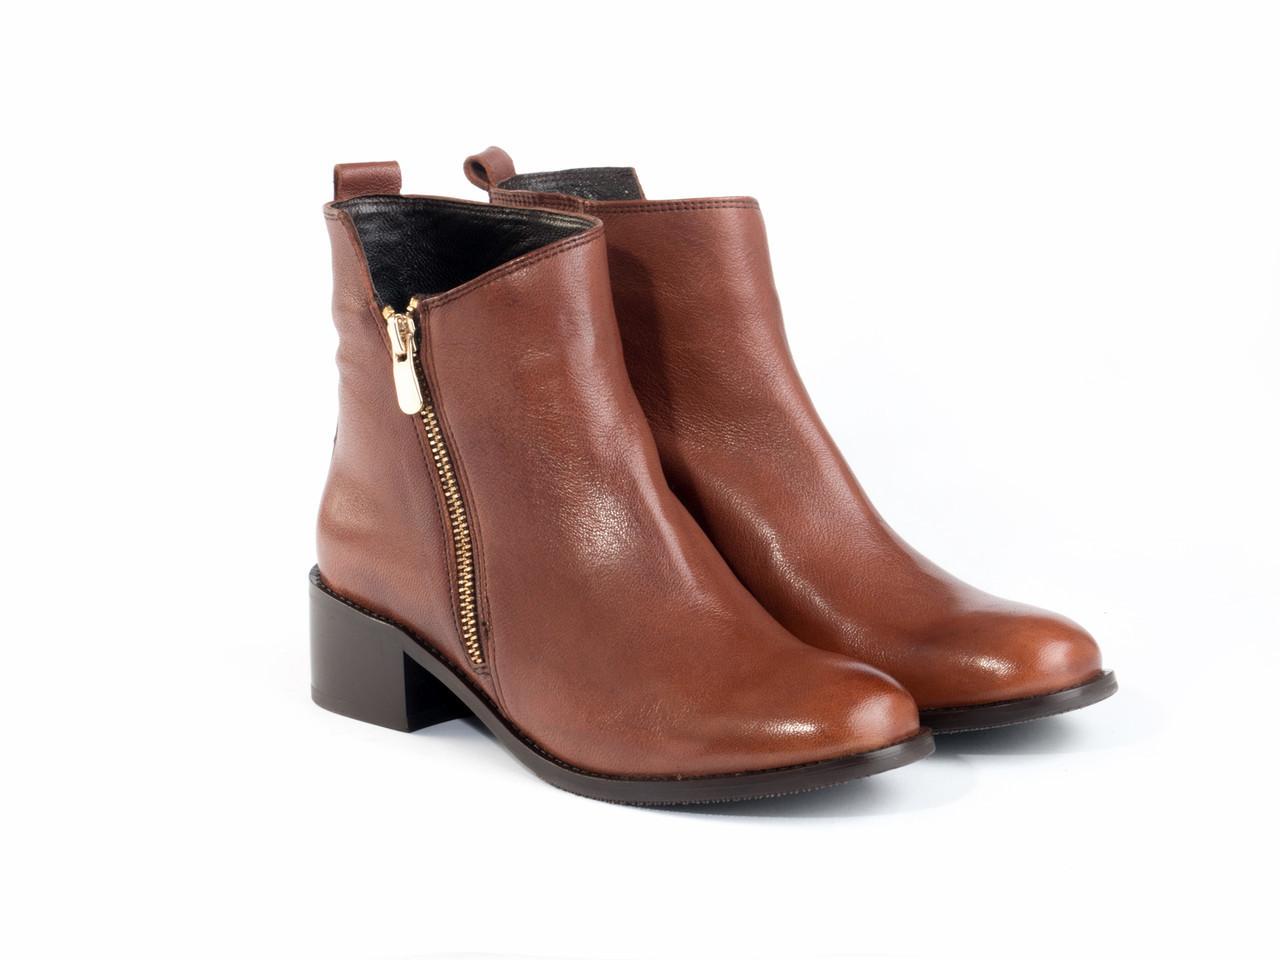 Ботинки Etor 6675-05-3666 38 коричневые